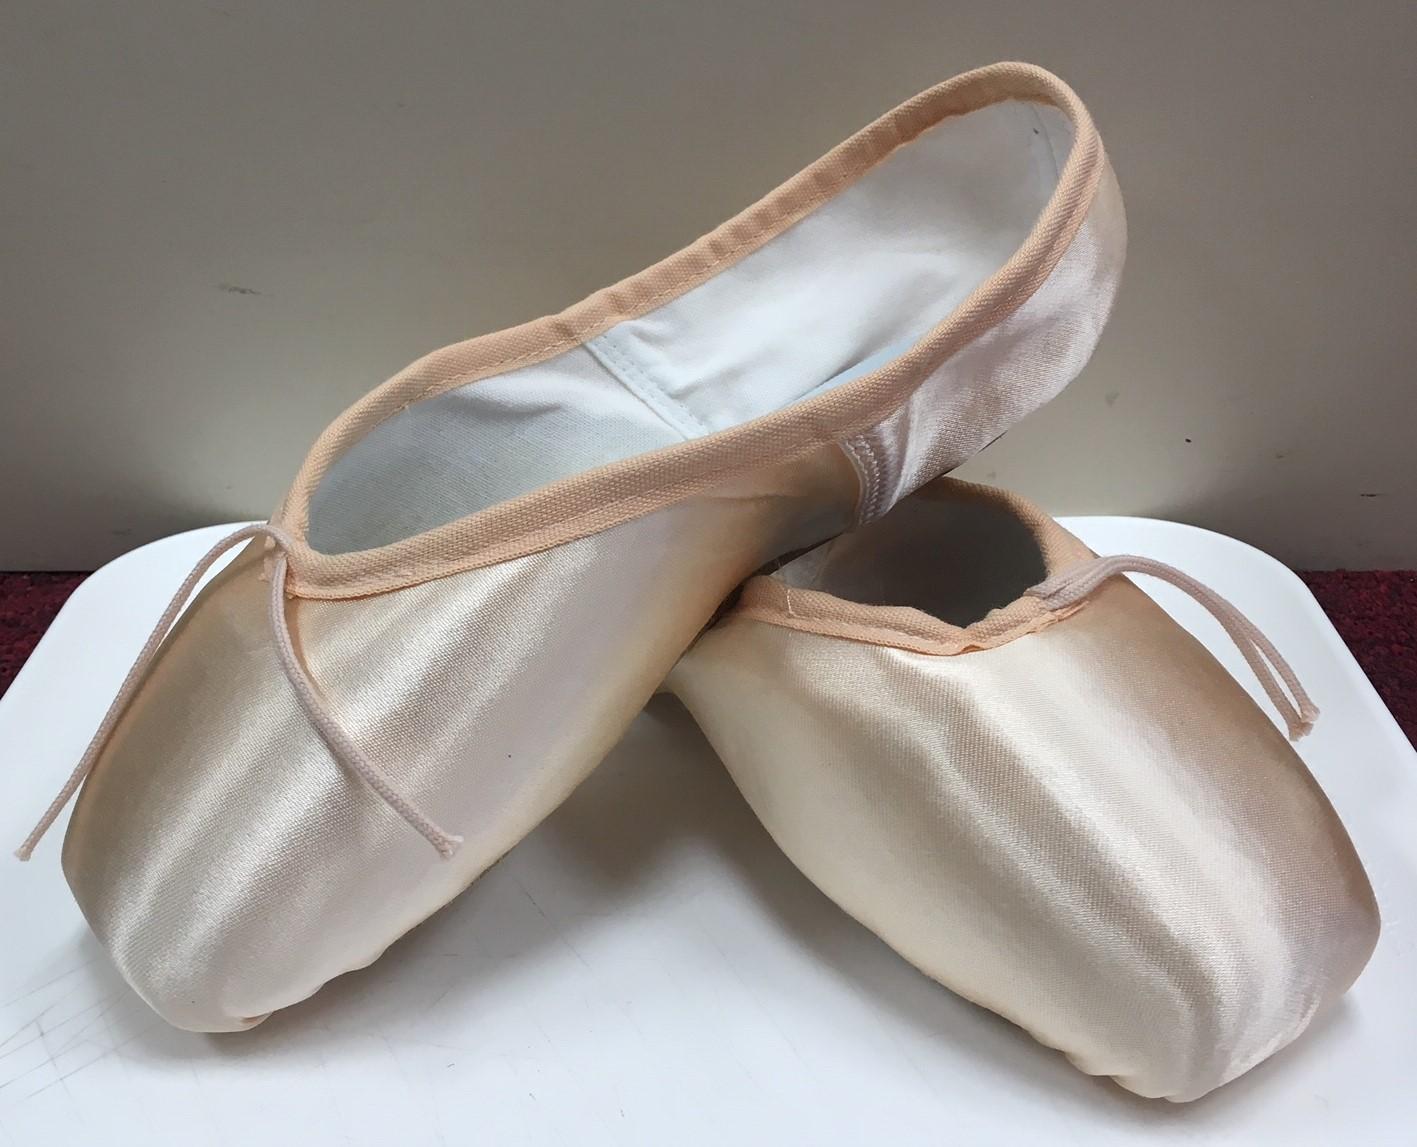 Freeds Women's Studio II Low Profile Standard Shank Pointe Shoes